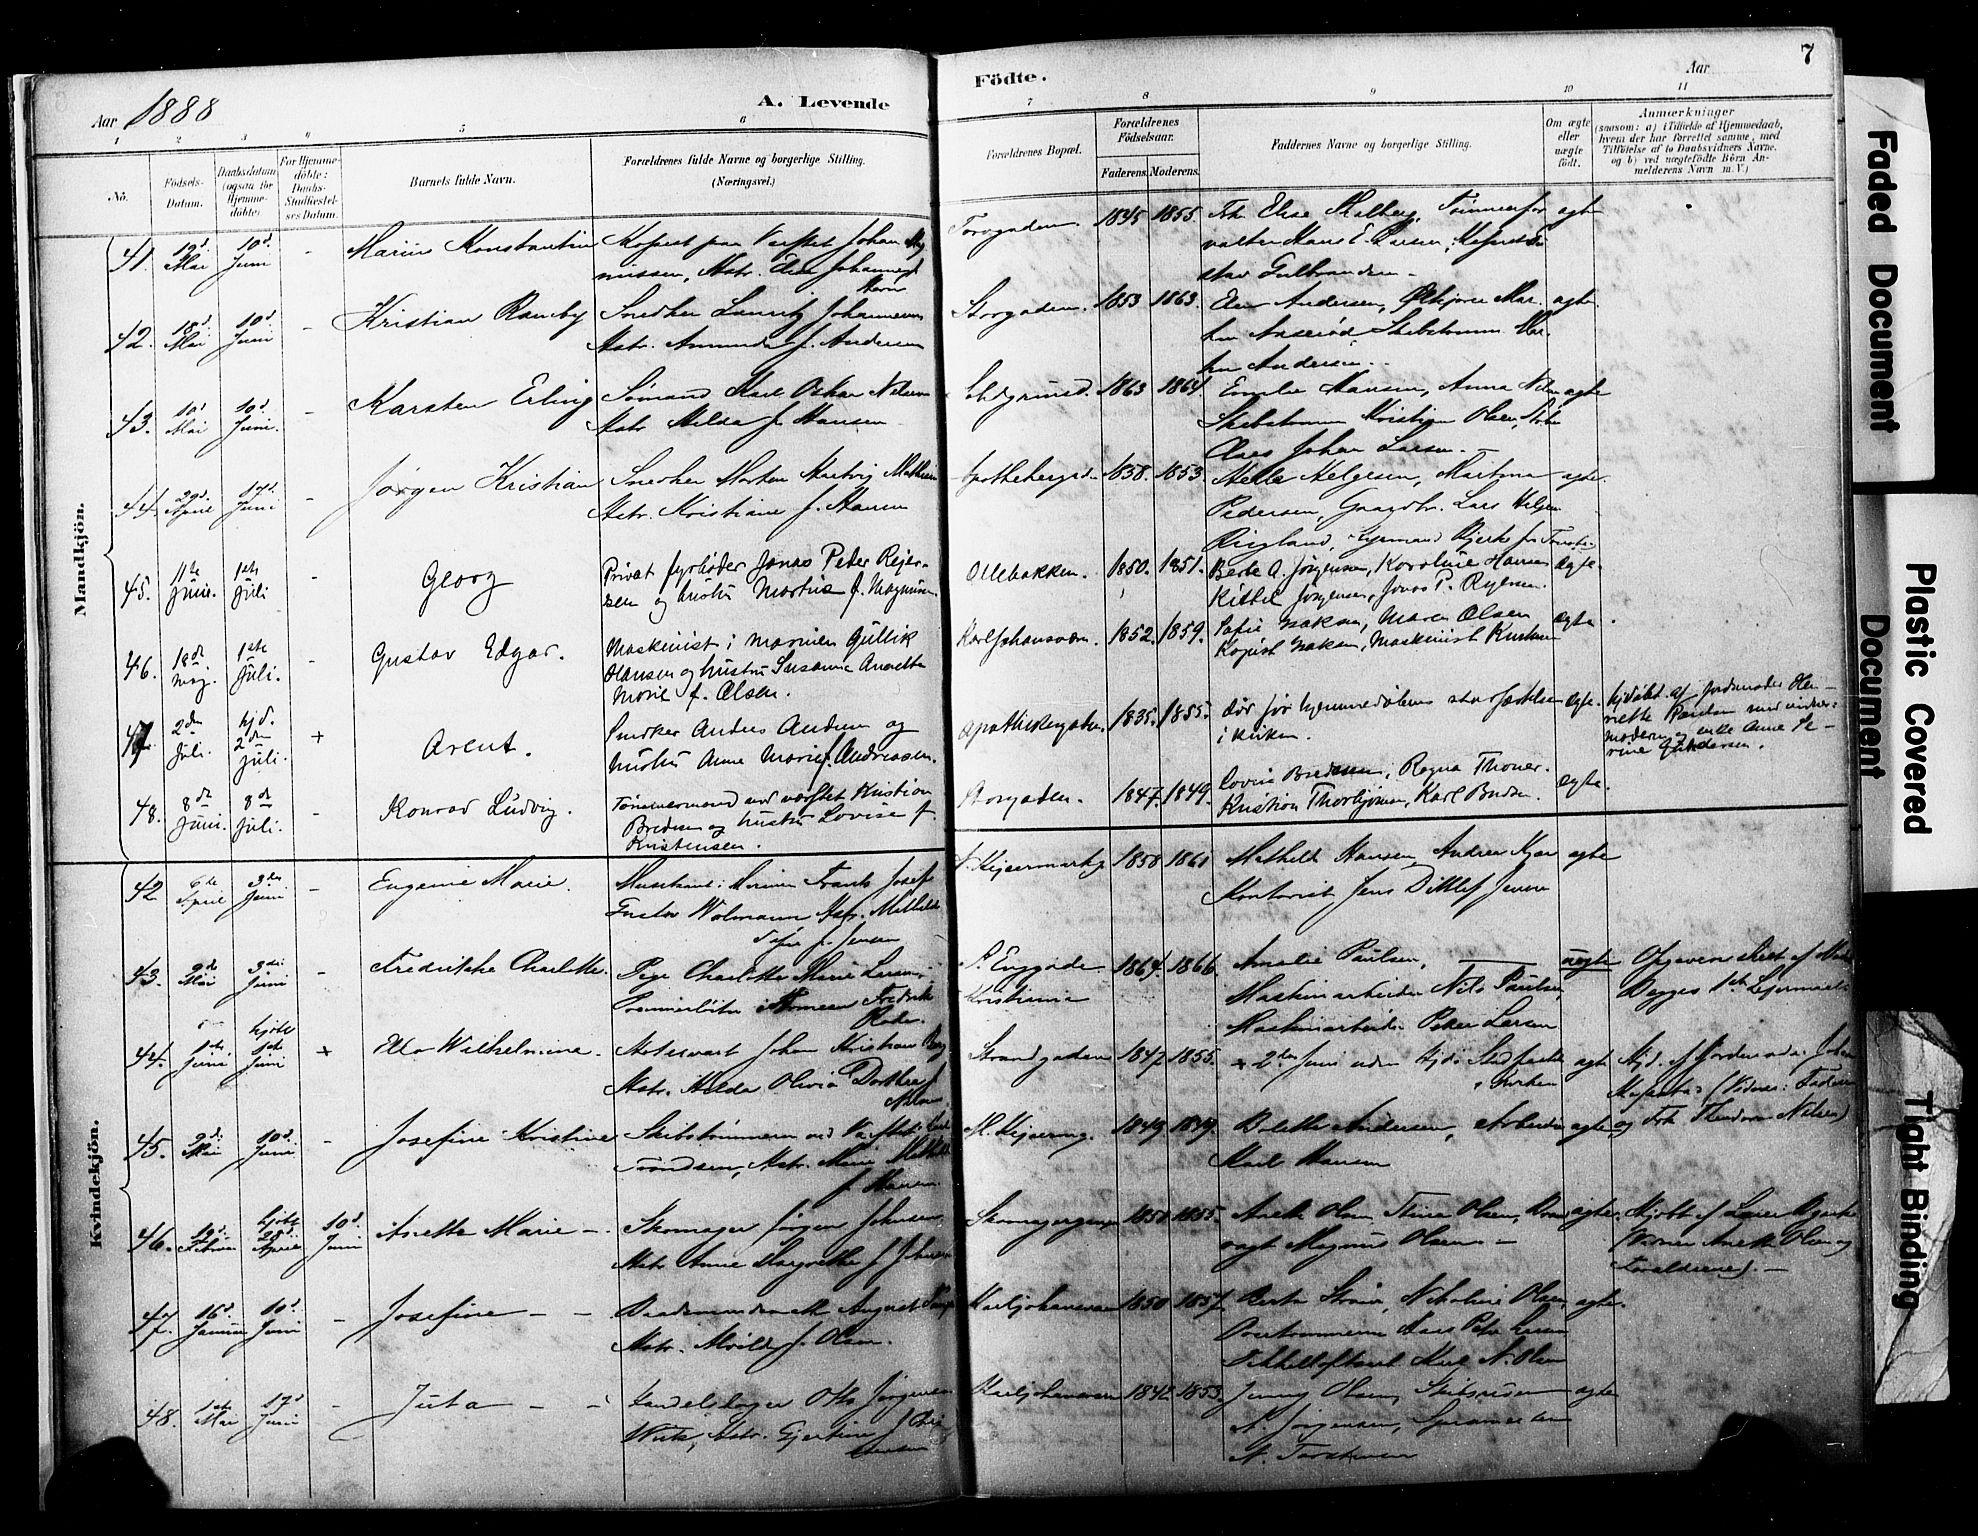 SAKO, Horten kirkebøker, F/Fa/L0004: Ministerialbok nr. 4, 1888-1895, s. 7